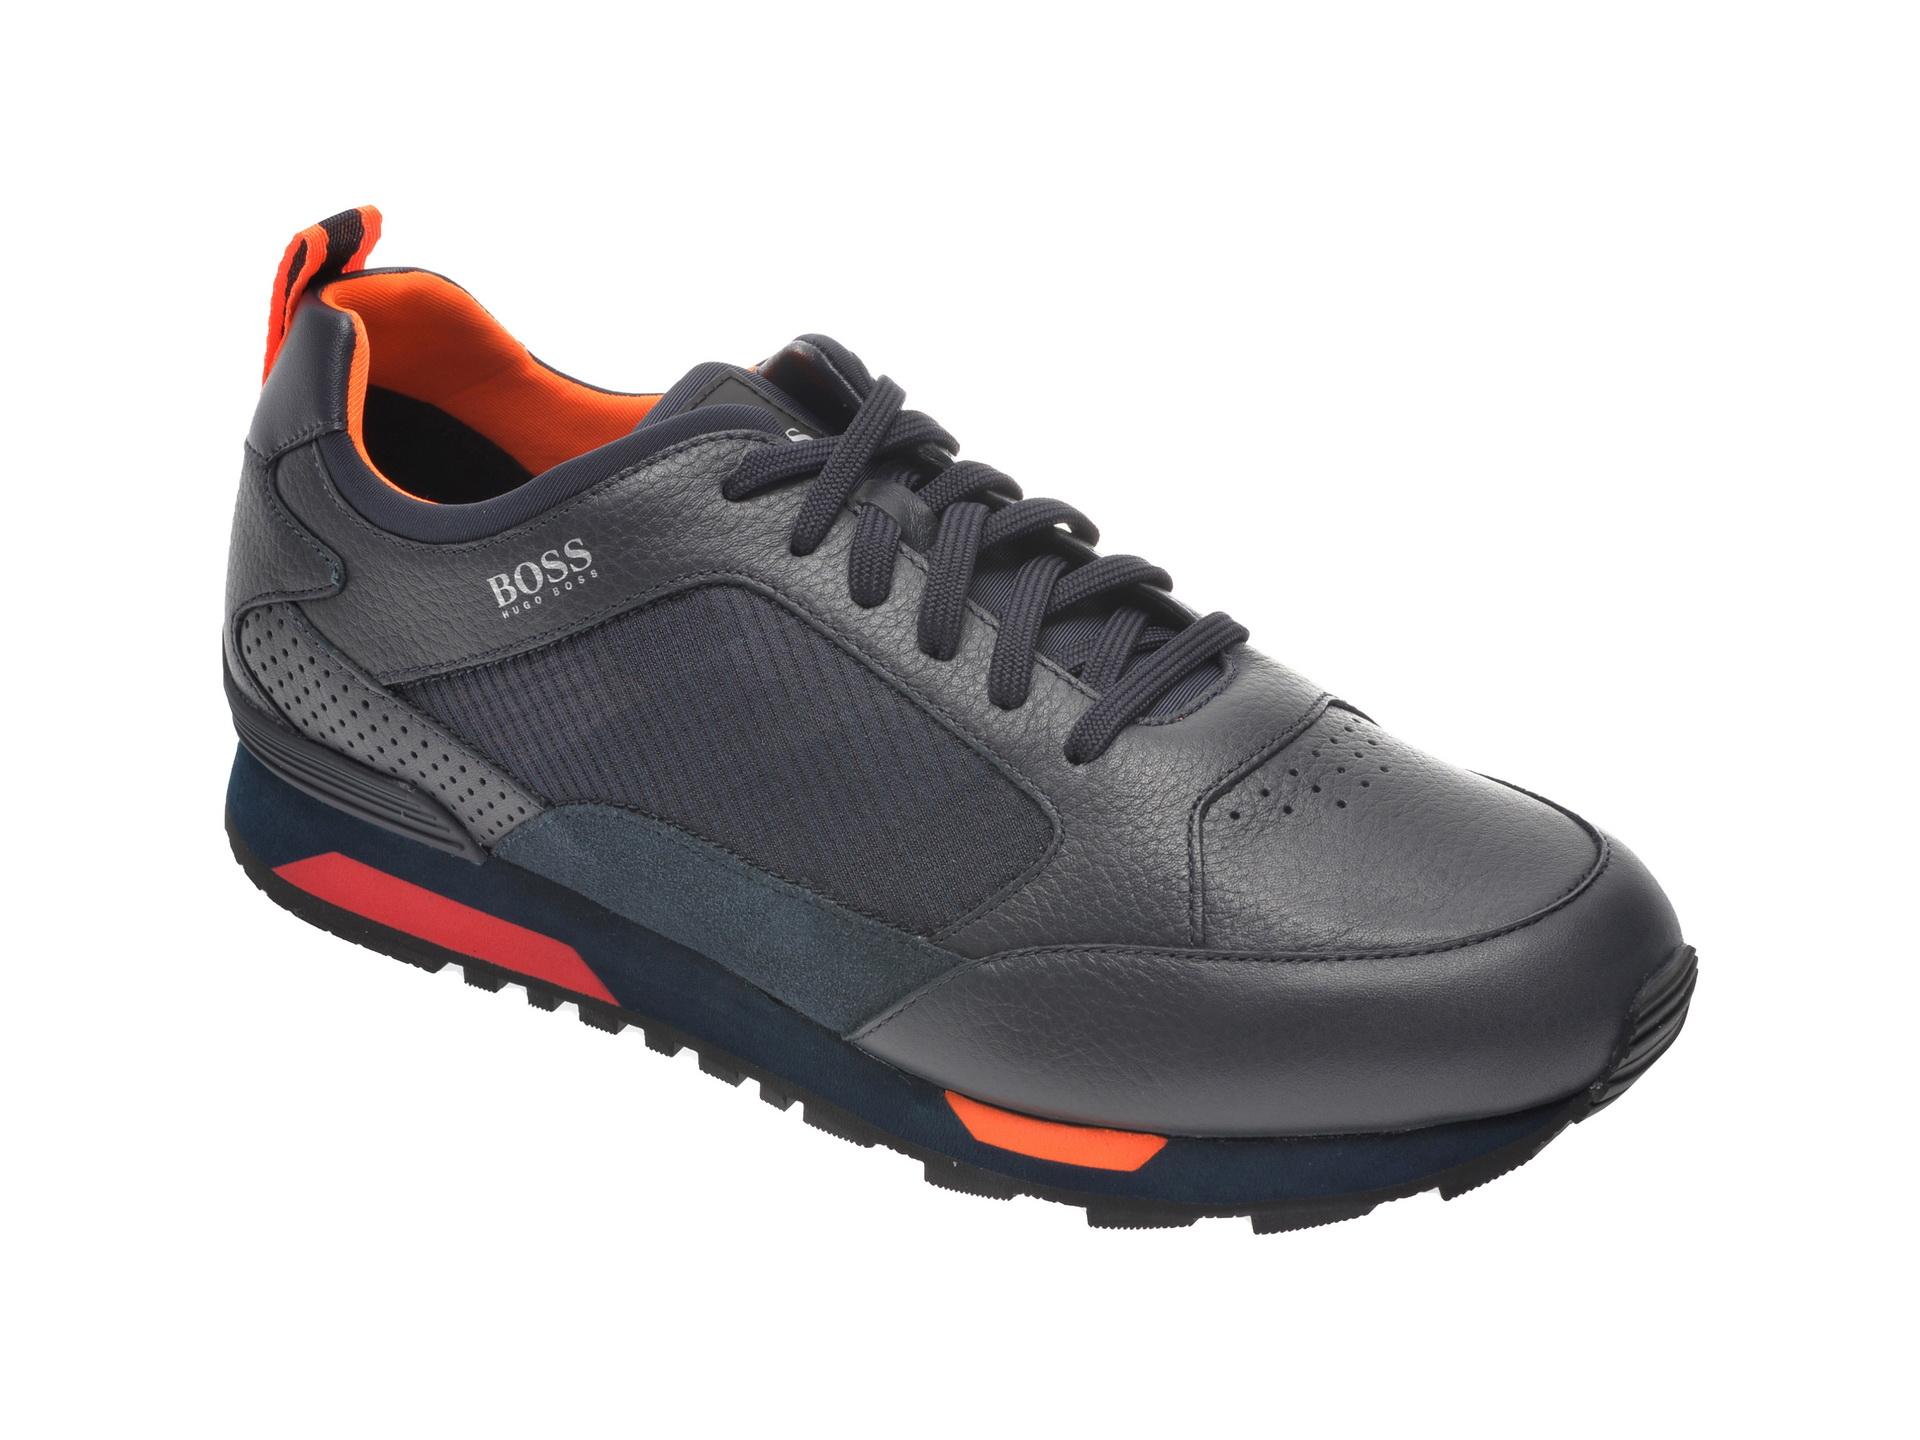 Pantofi sport HUGO BOSS bleumarin, 8483, din material textil si piele naturala imagine